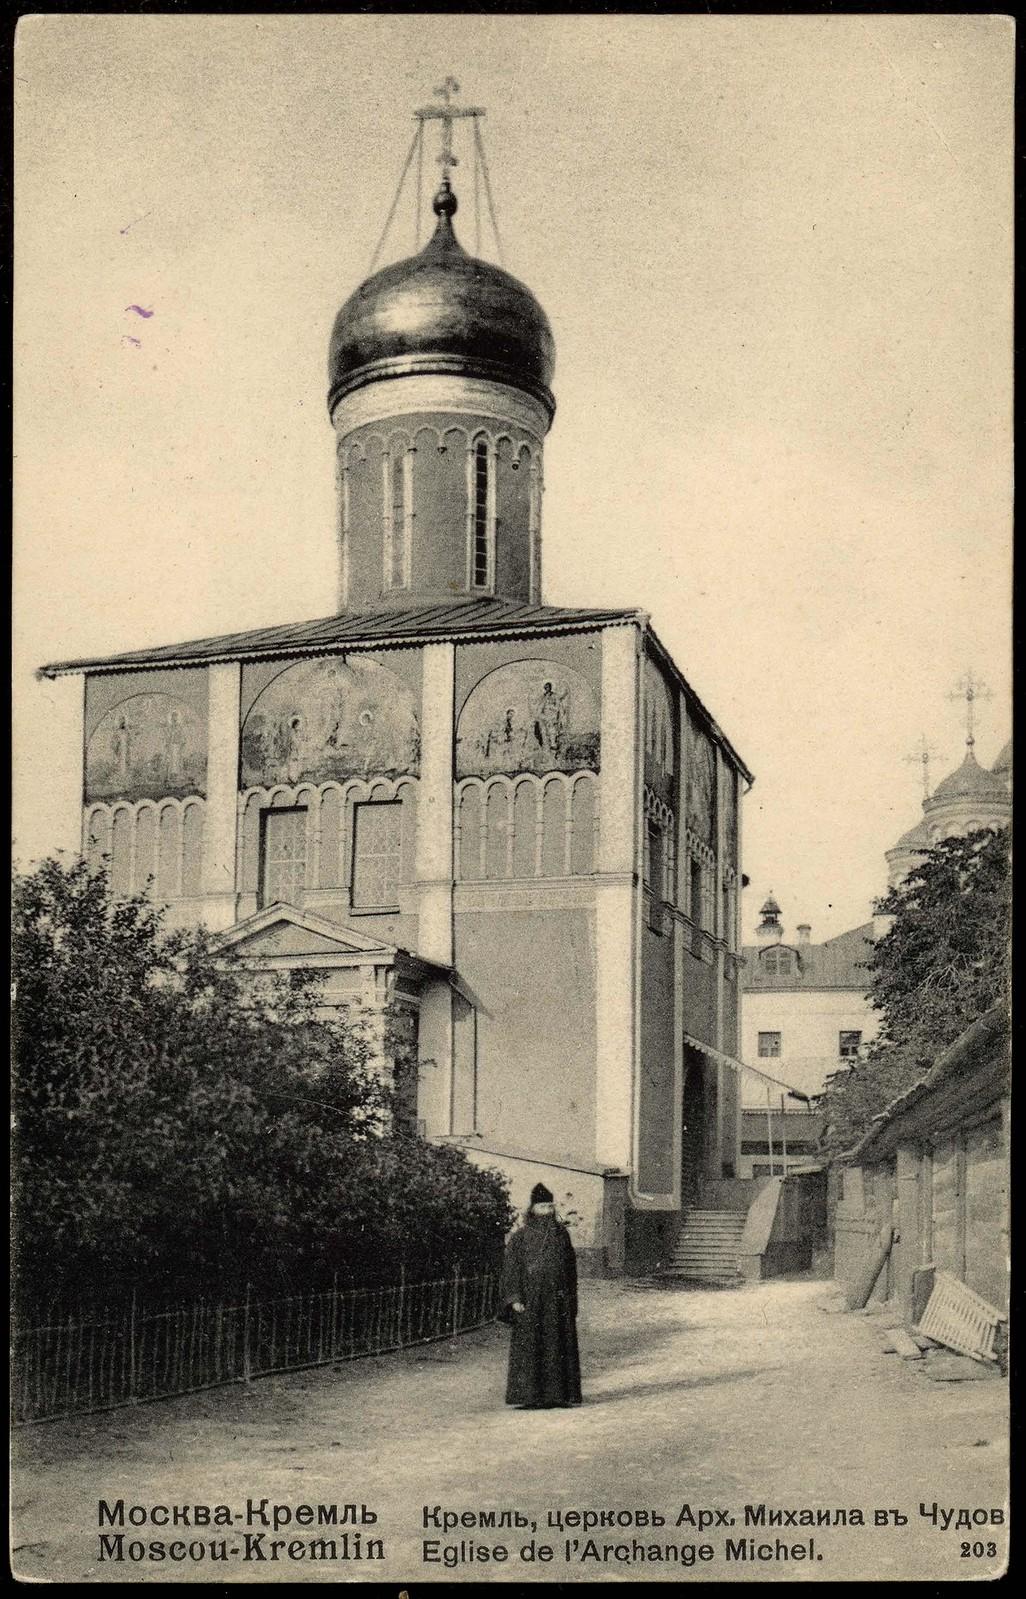 Кремль. Церковь Арх. Михаила в Чудовом монастыре